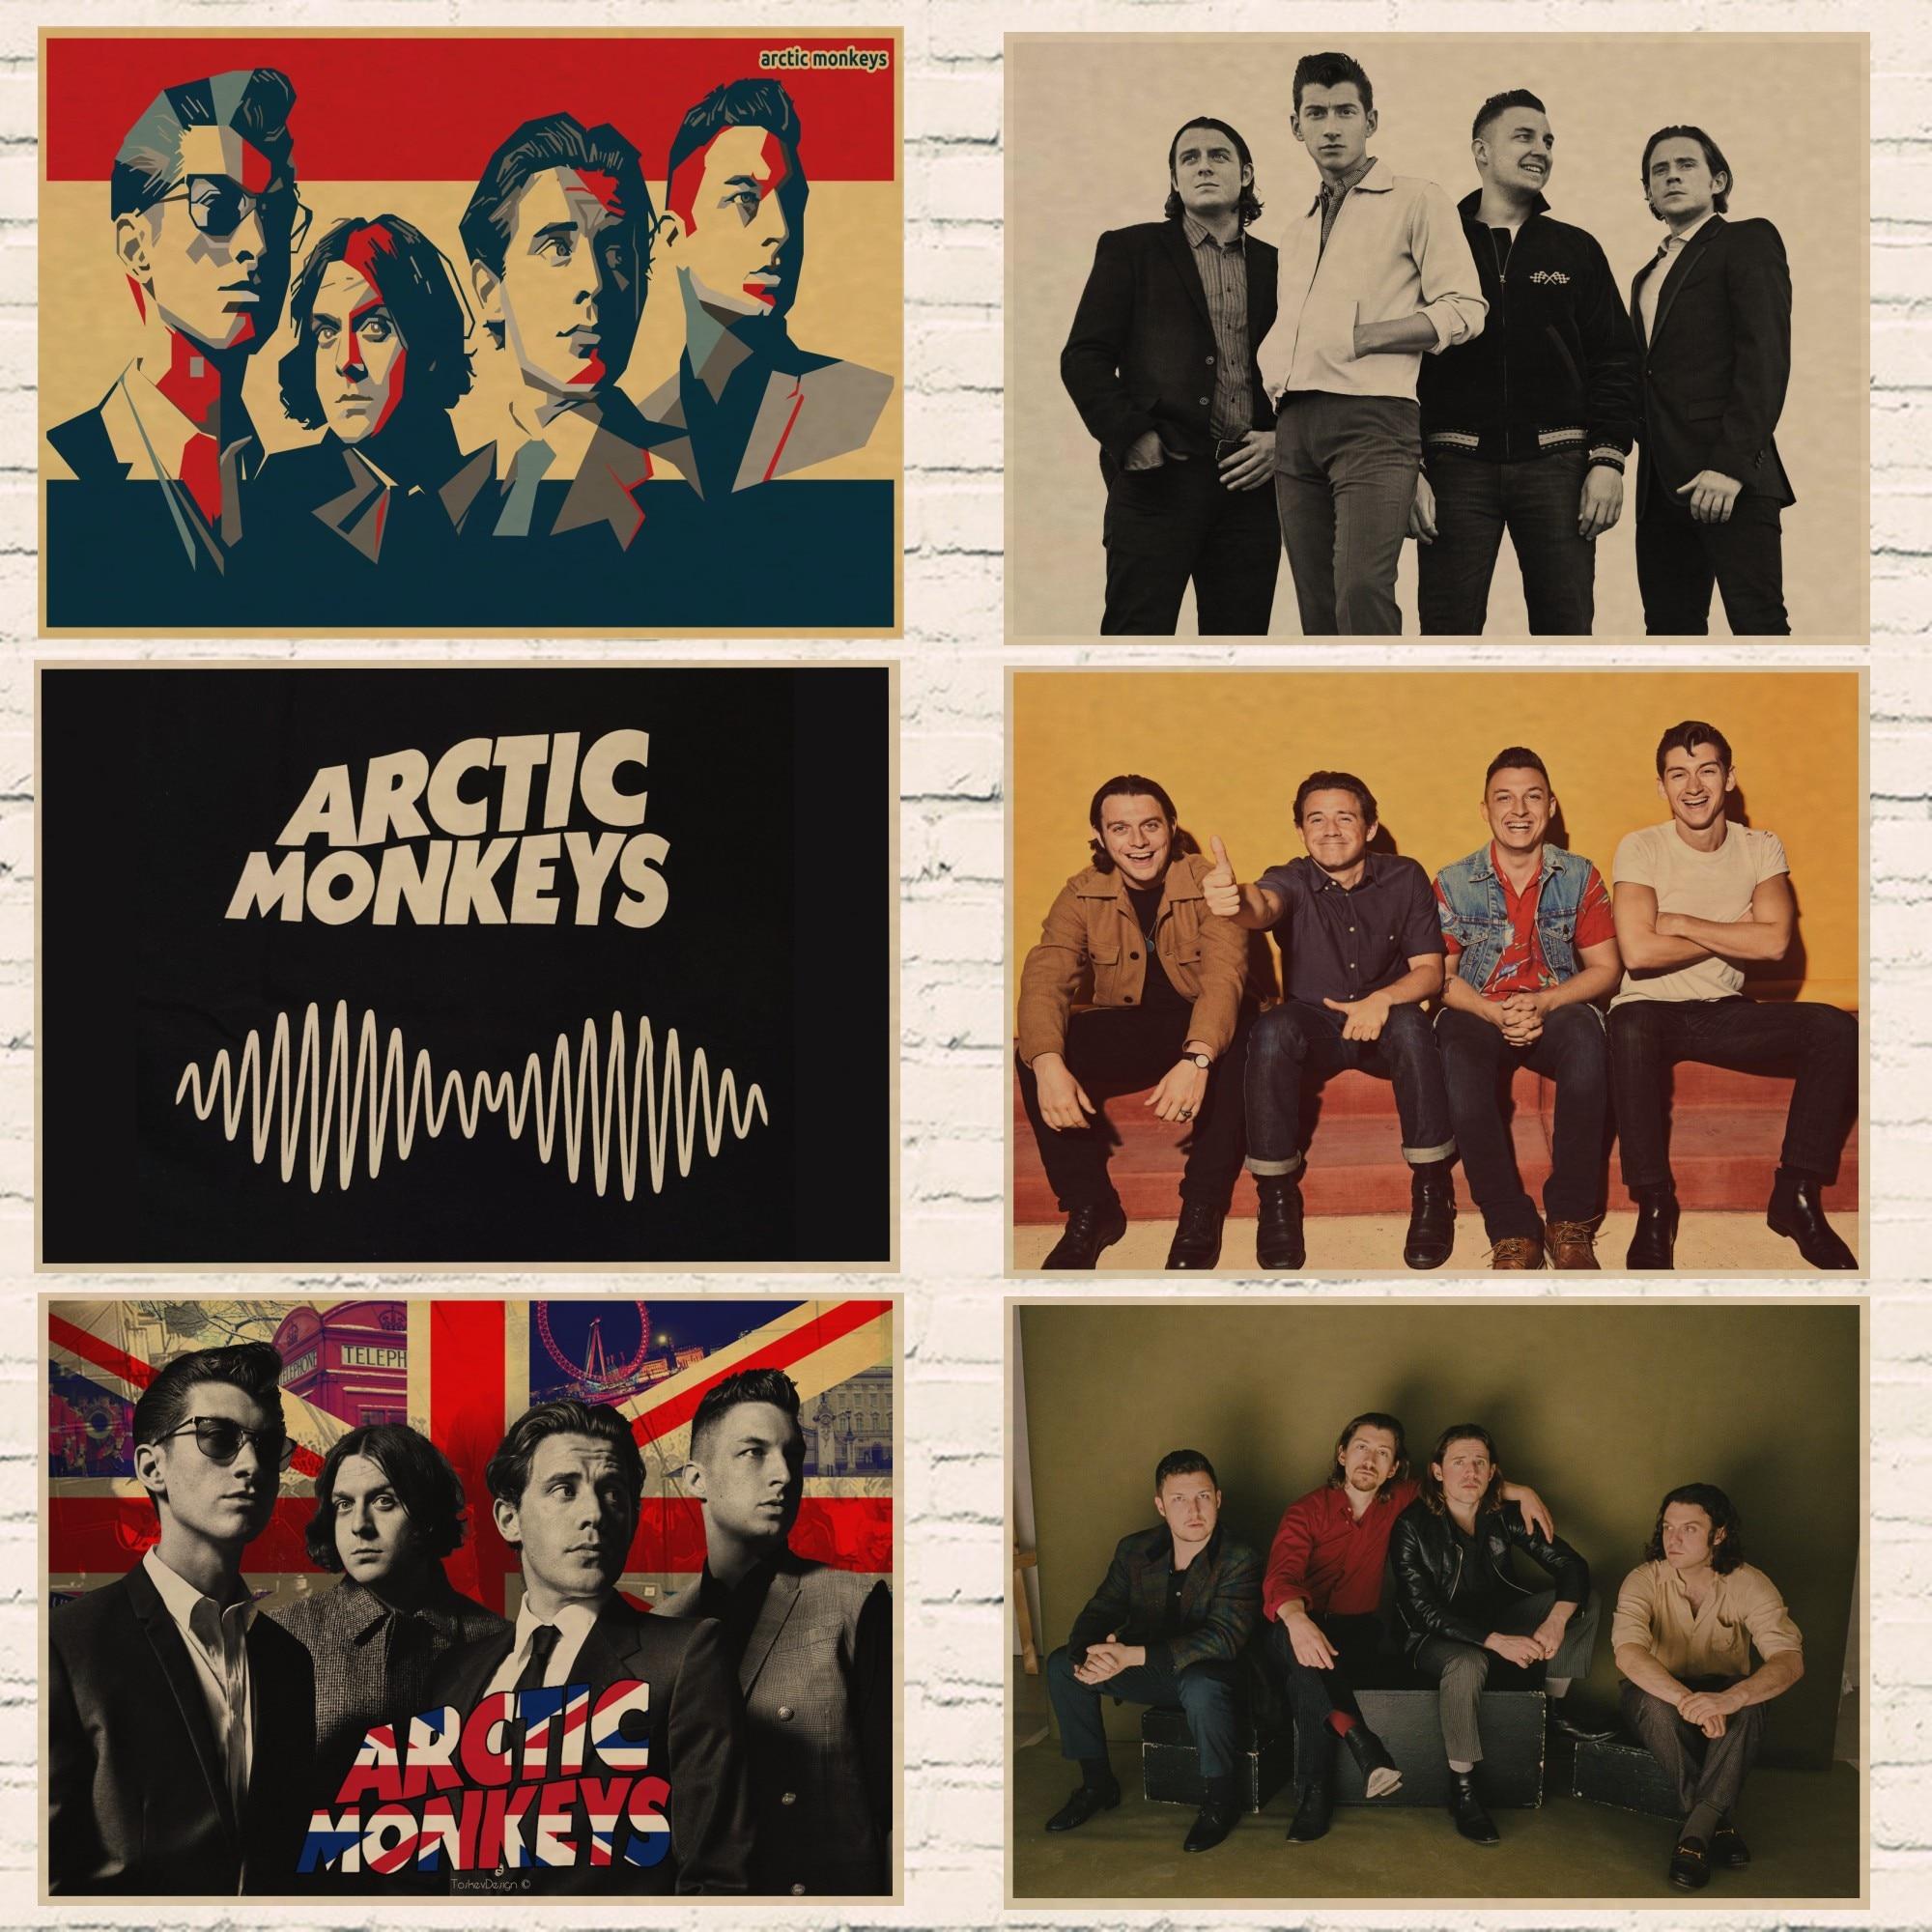 Arctic Monkeys украшение для дома крафт-кислота Рок Музыка плакат Рисование ядро наклейки на стену 02